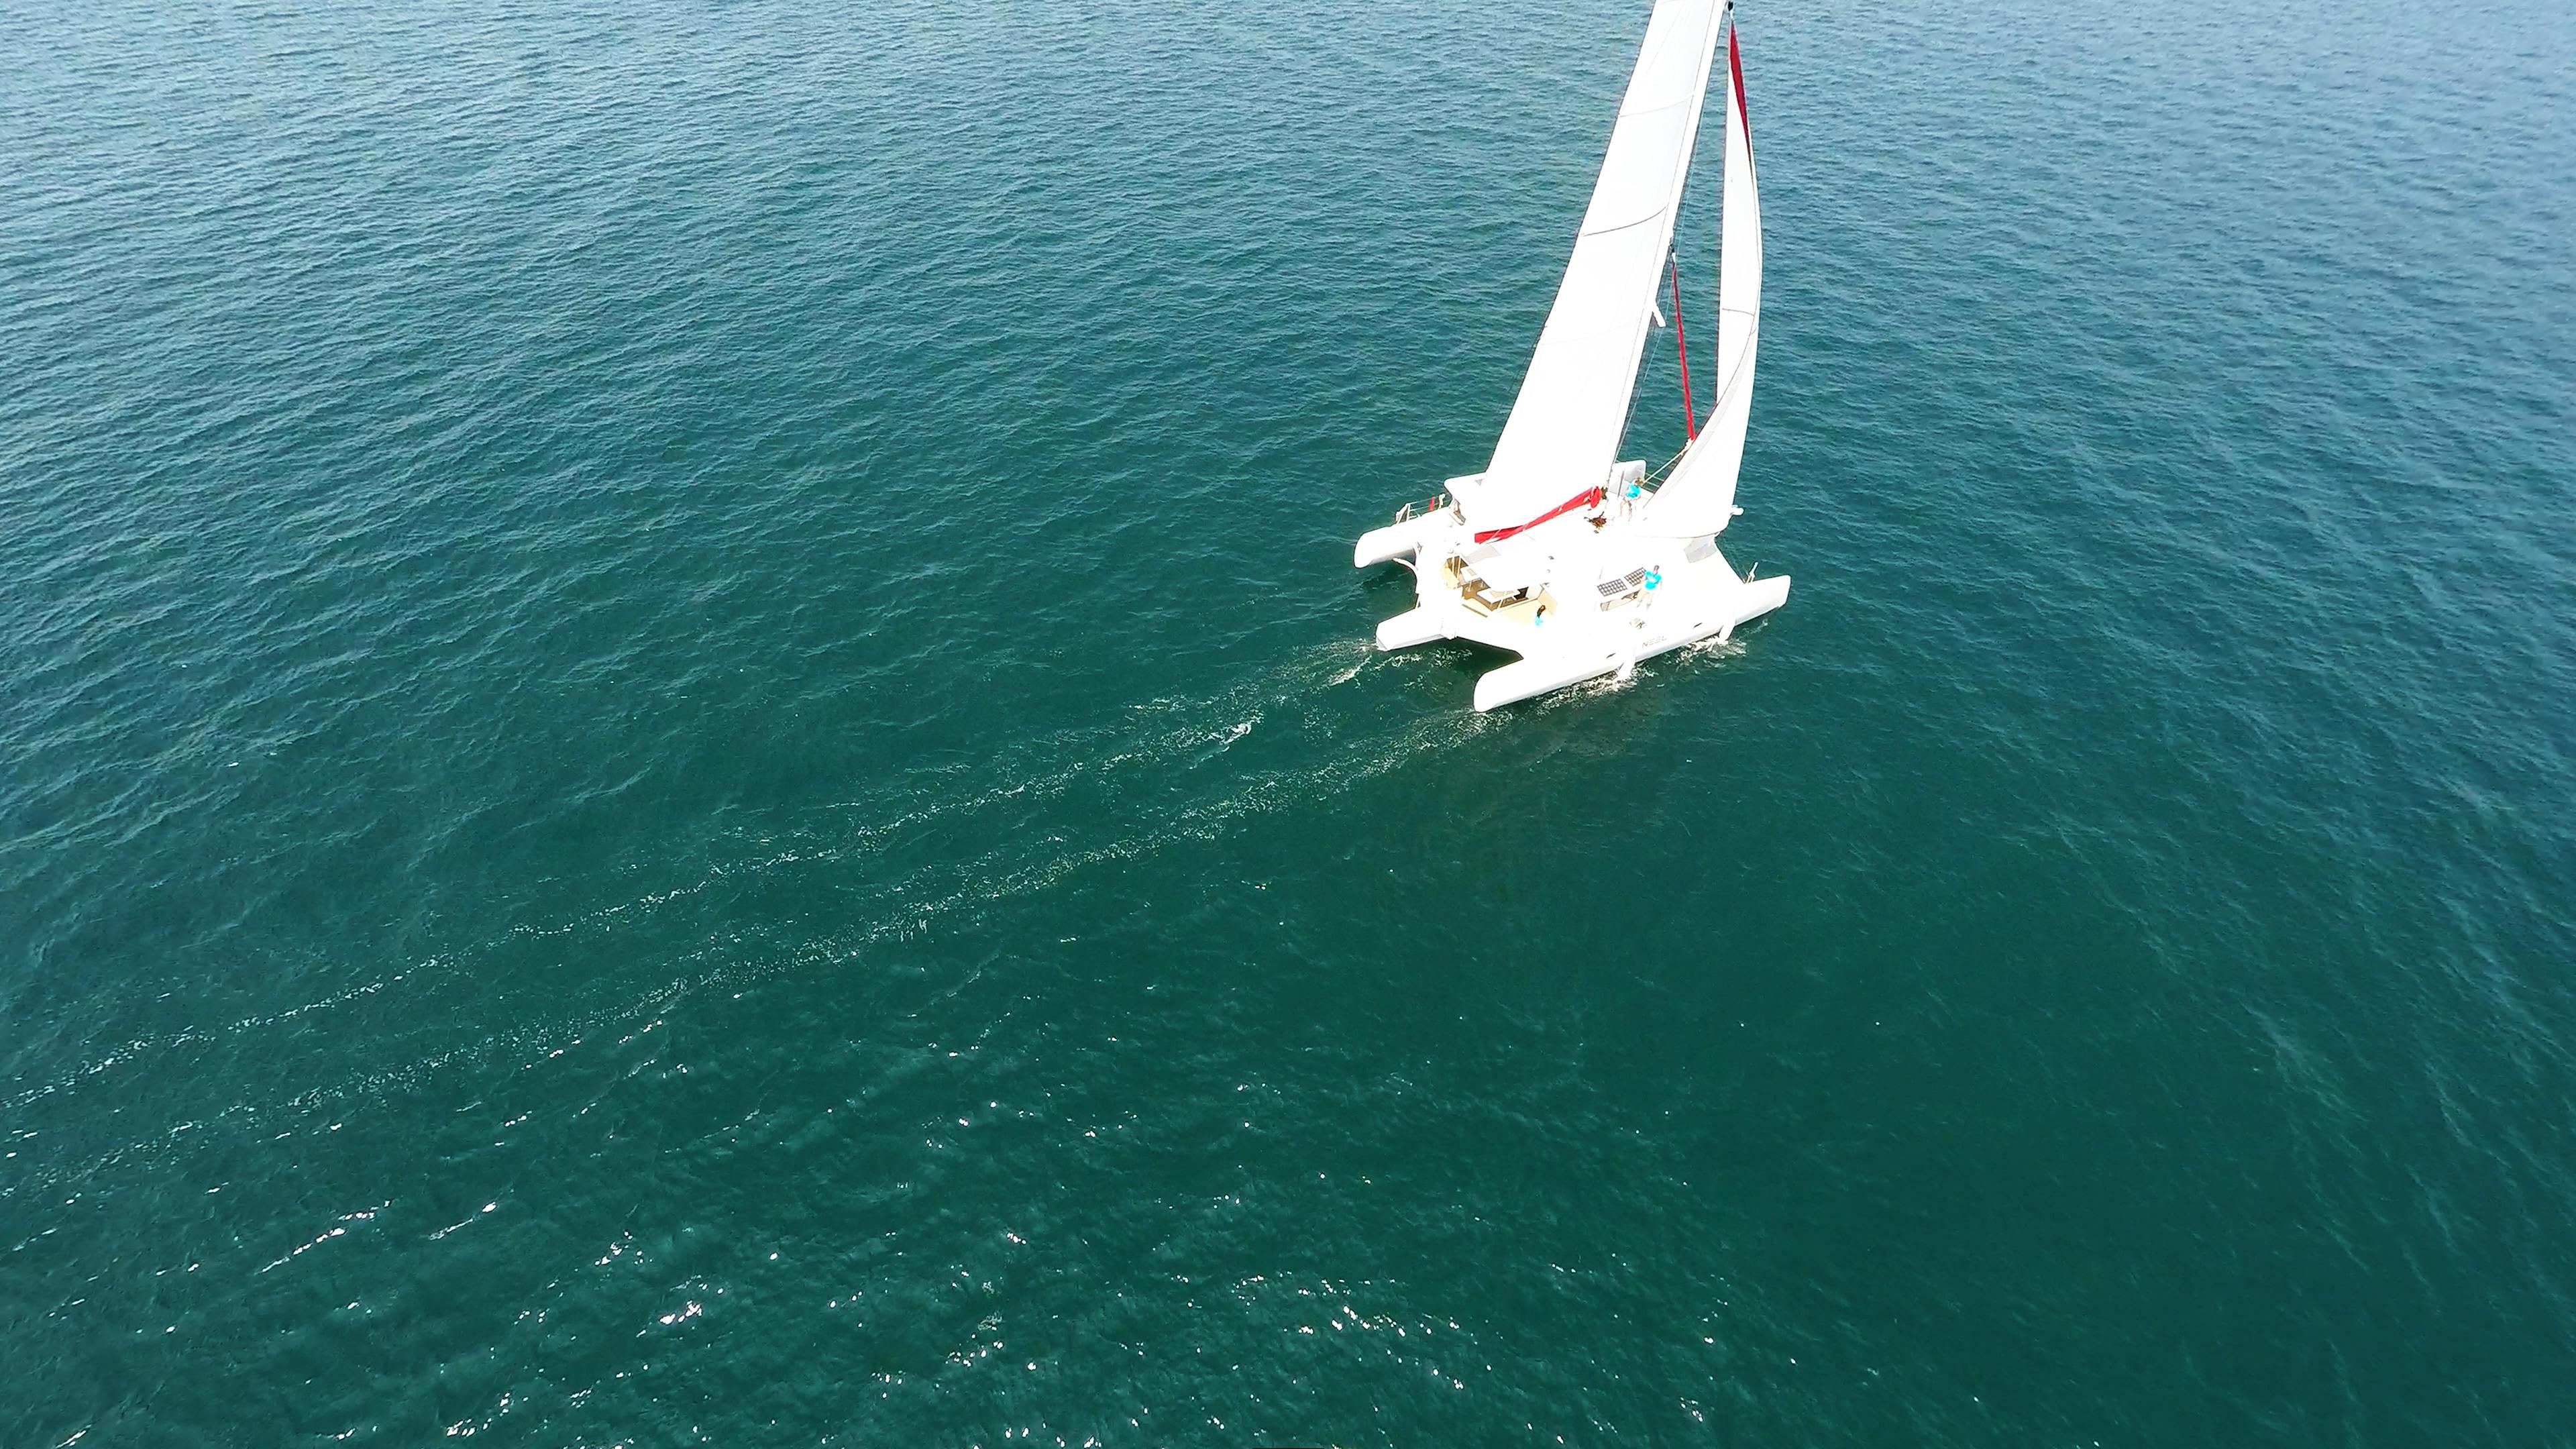 trimaran at sea